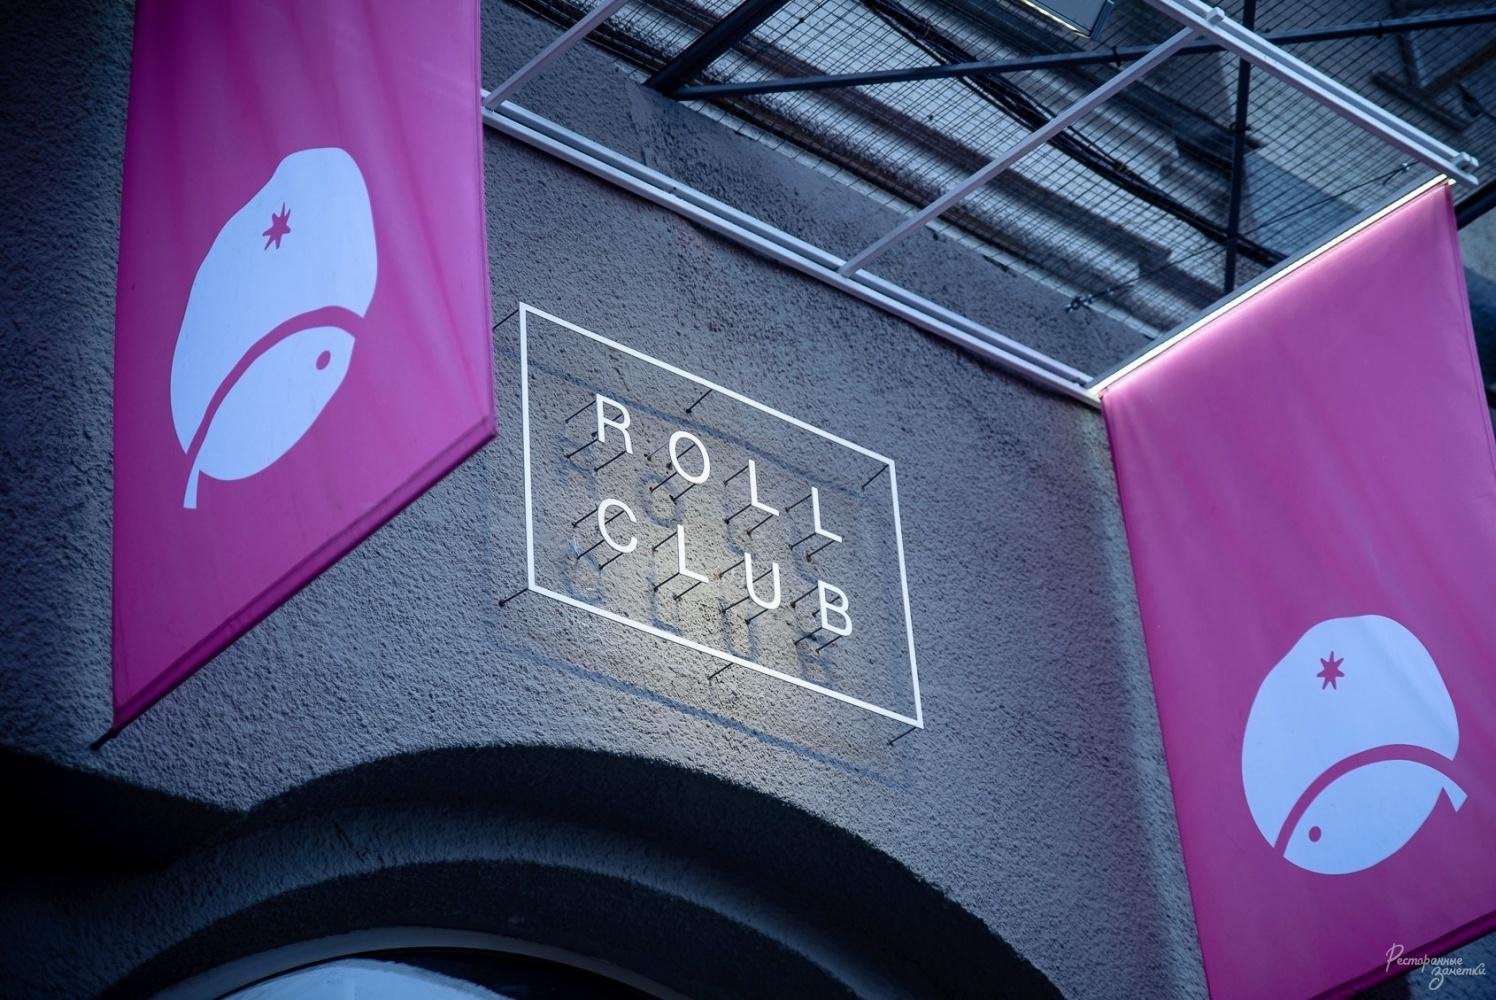 Ресторан Roll-club ресторан, Харьков